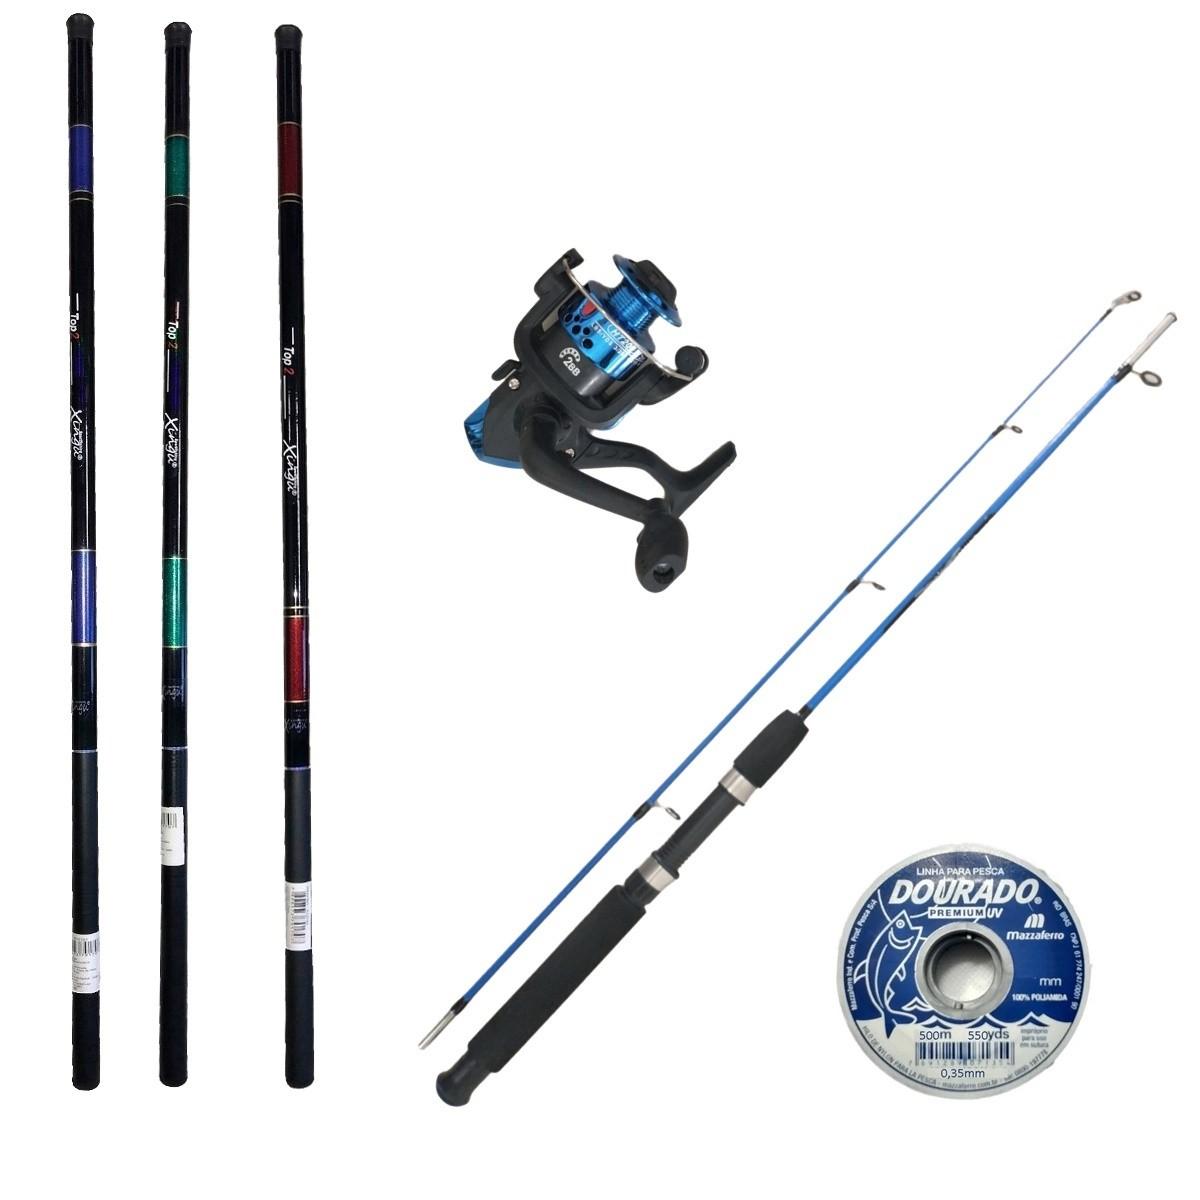 Kit De Pesca 1 Vara 1 Molinete 3 Telescopica 3,00m E Linha